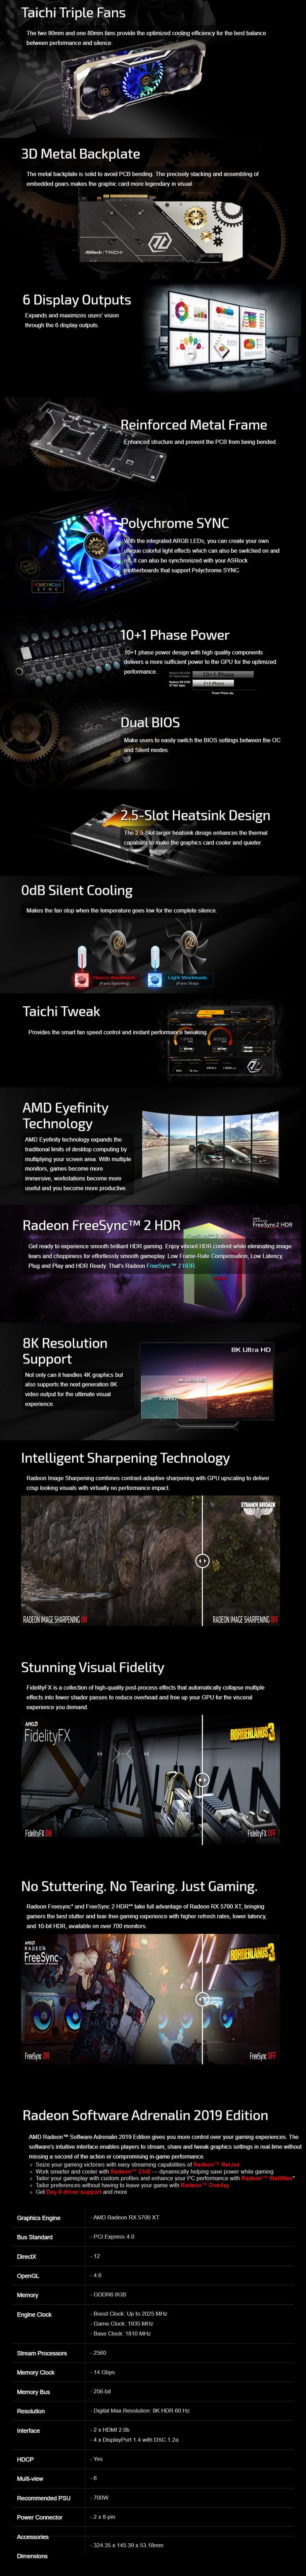 asrock-radeon-rx-5700-xt-taichi-x-8gb-oc-video-card-ac28610-2.jpg